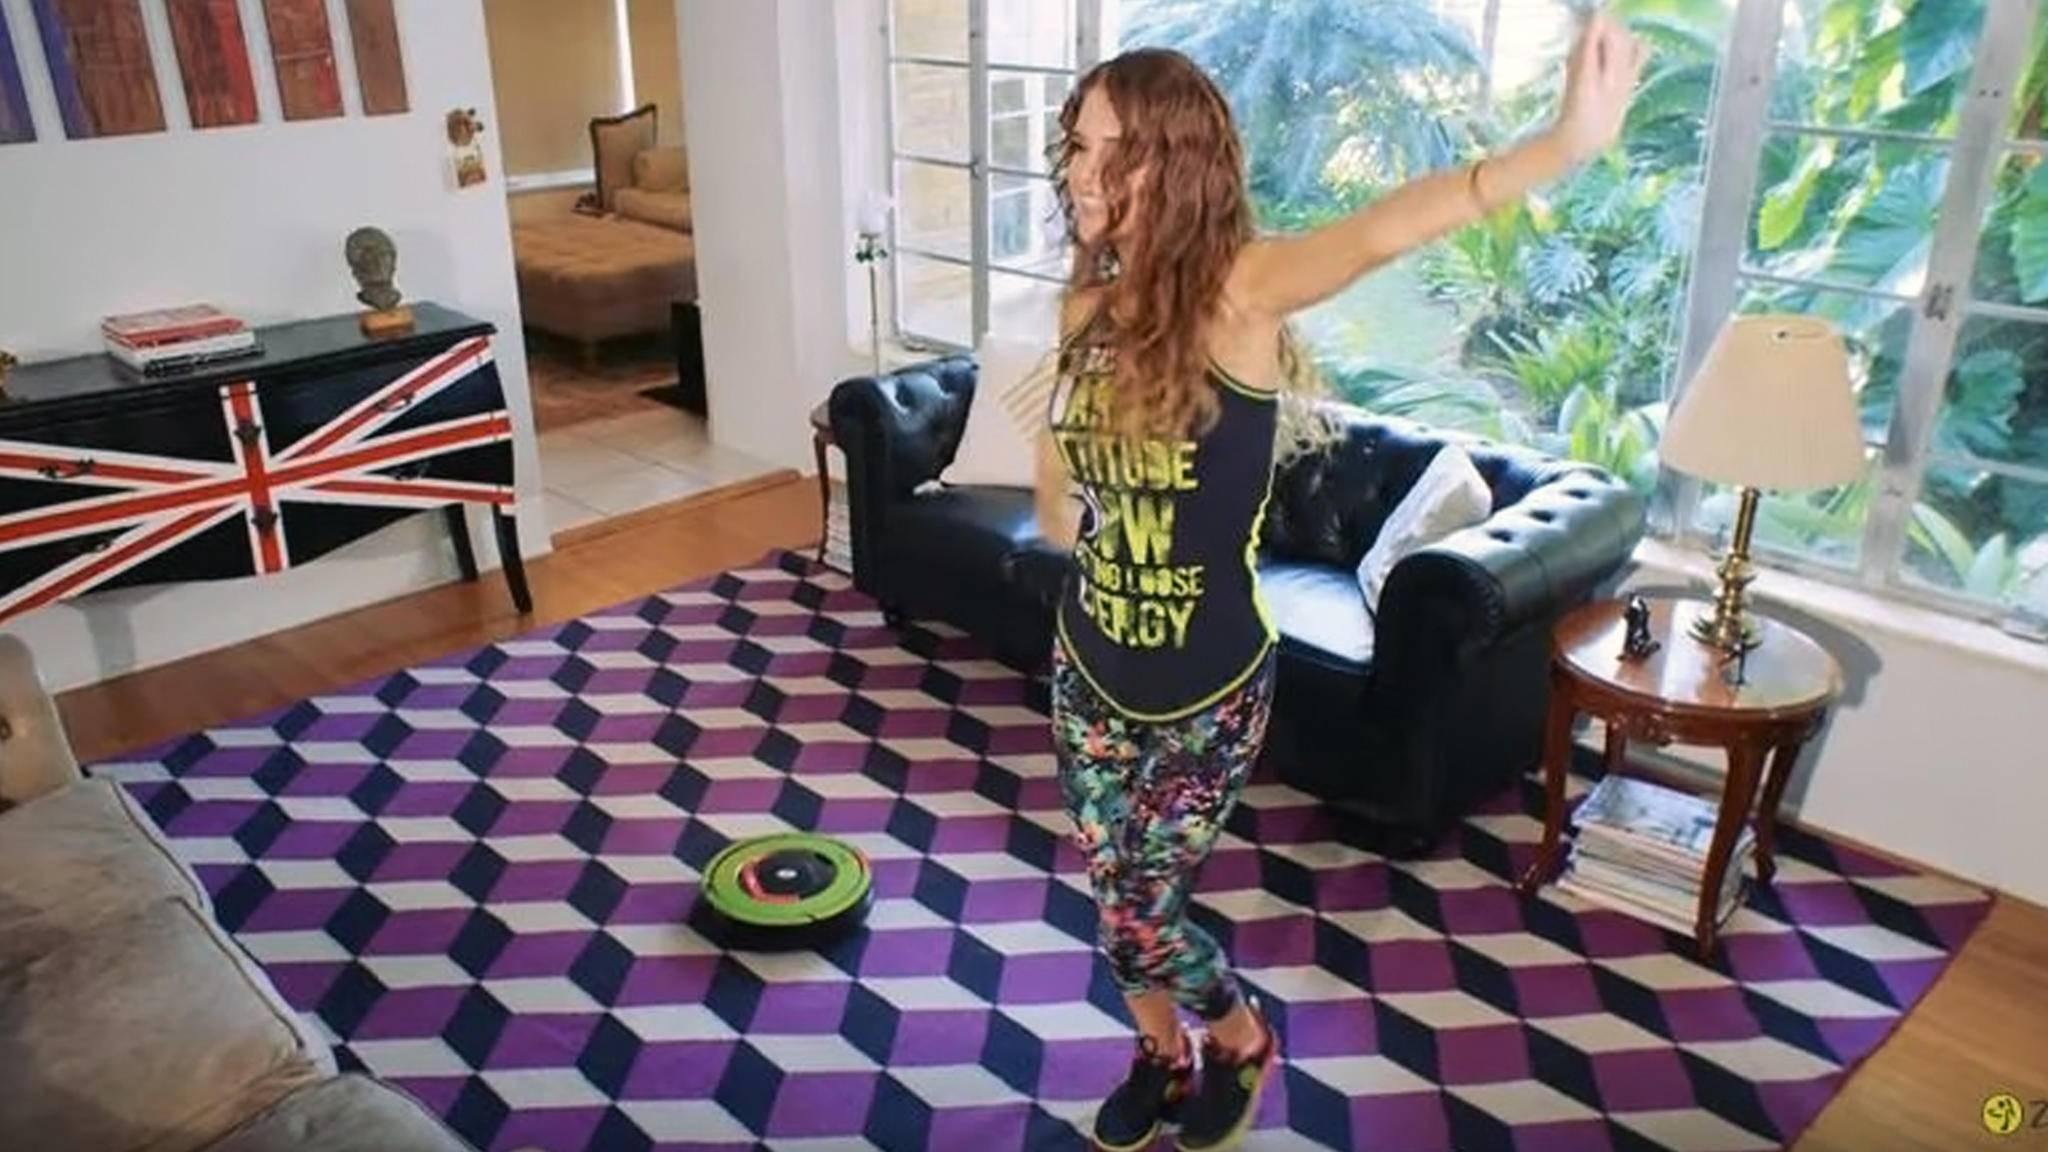 Einfach mal mit dem Roomba durch die Wohnung tanzen? So skurril finden wir das eigentlich gar nicht.